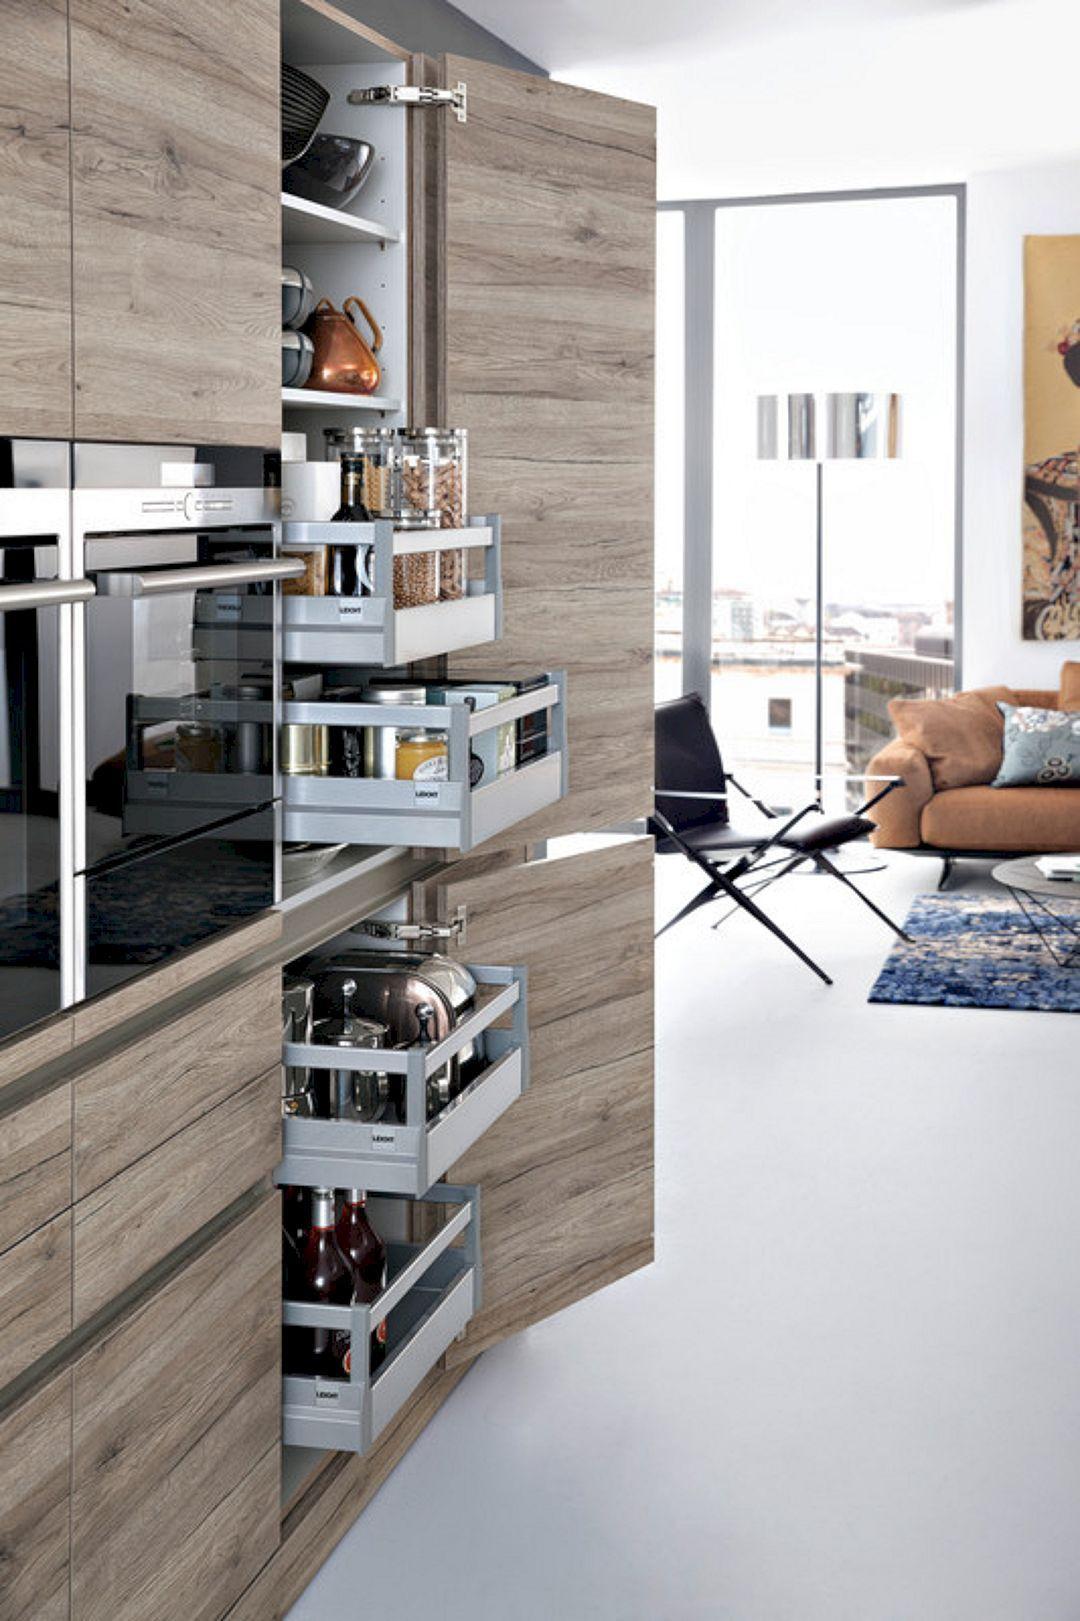 Kitchen Ideas 301882049961803543 In 2020 Kitchen Inspiration Design Modern Kitchen Design Contemporary Kitchen Design